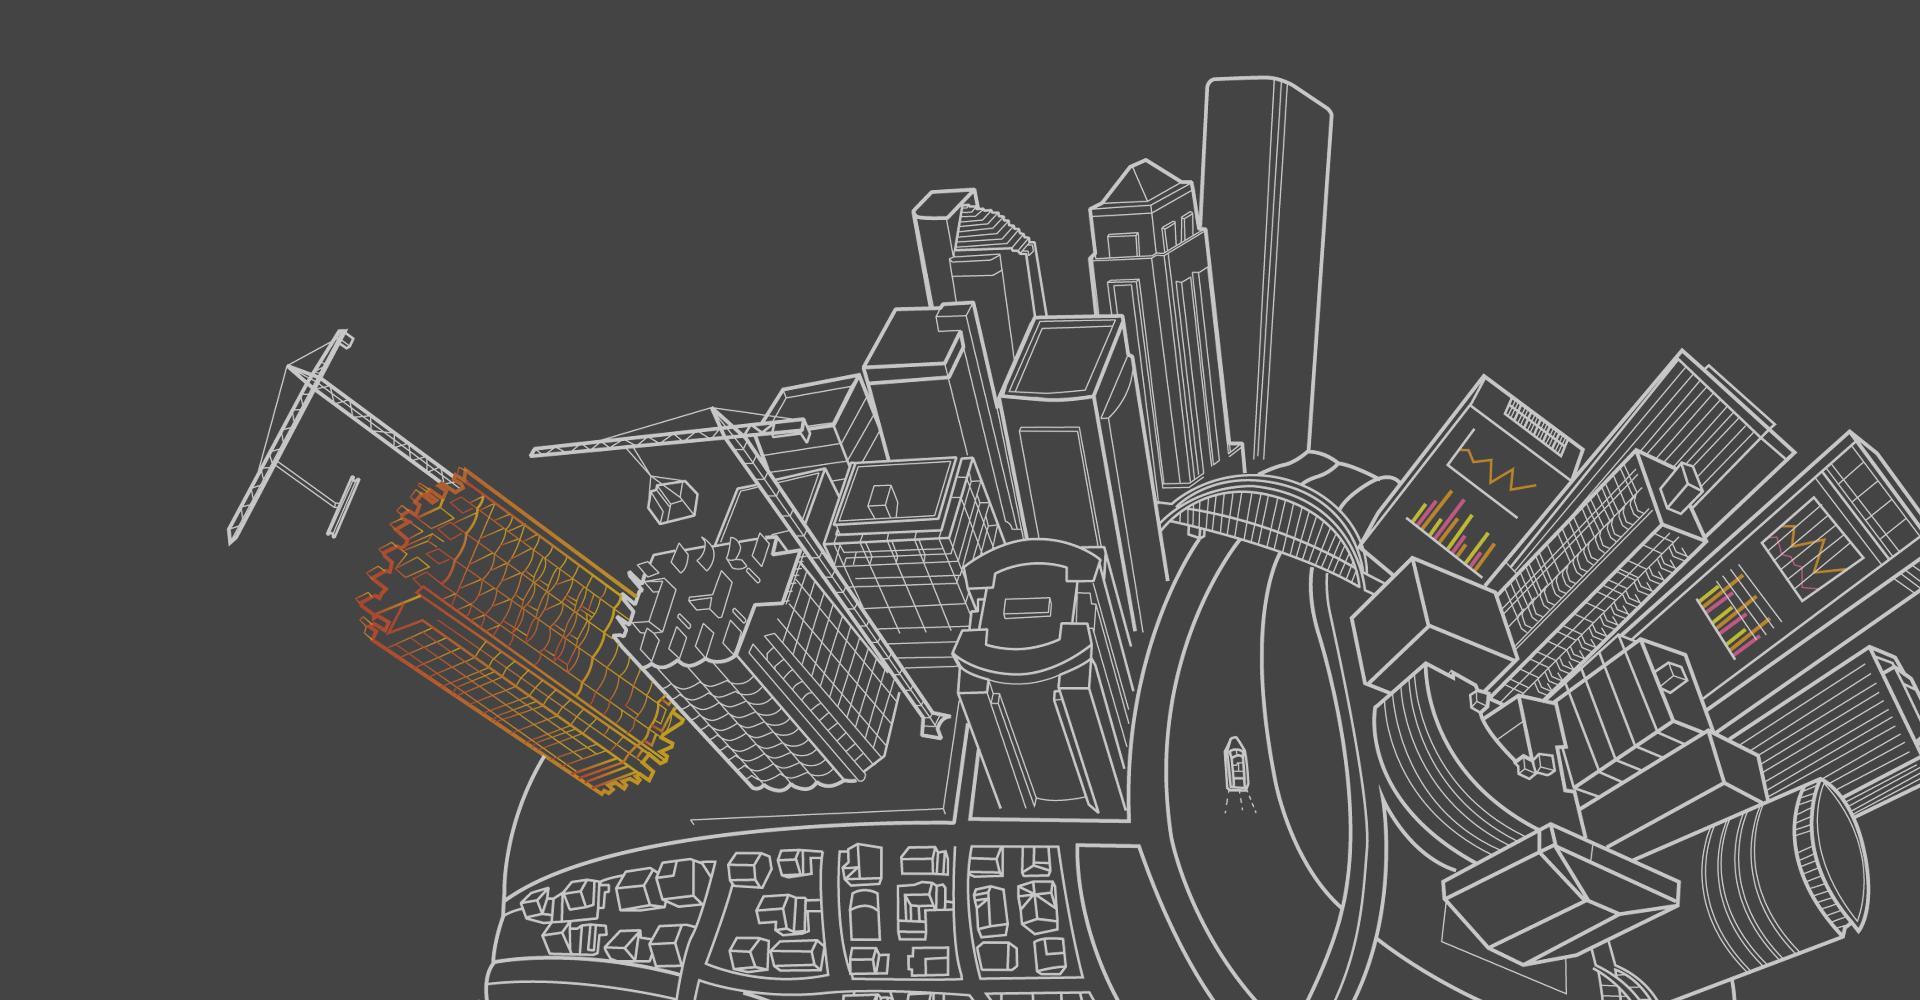 BIM 帮助 AEC 专业人士设计、建造和运营建筑和基础设施项目